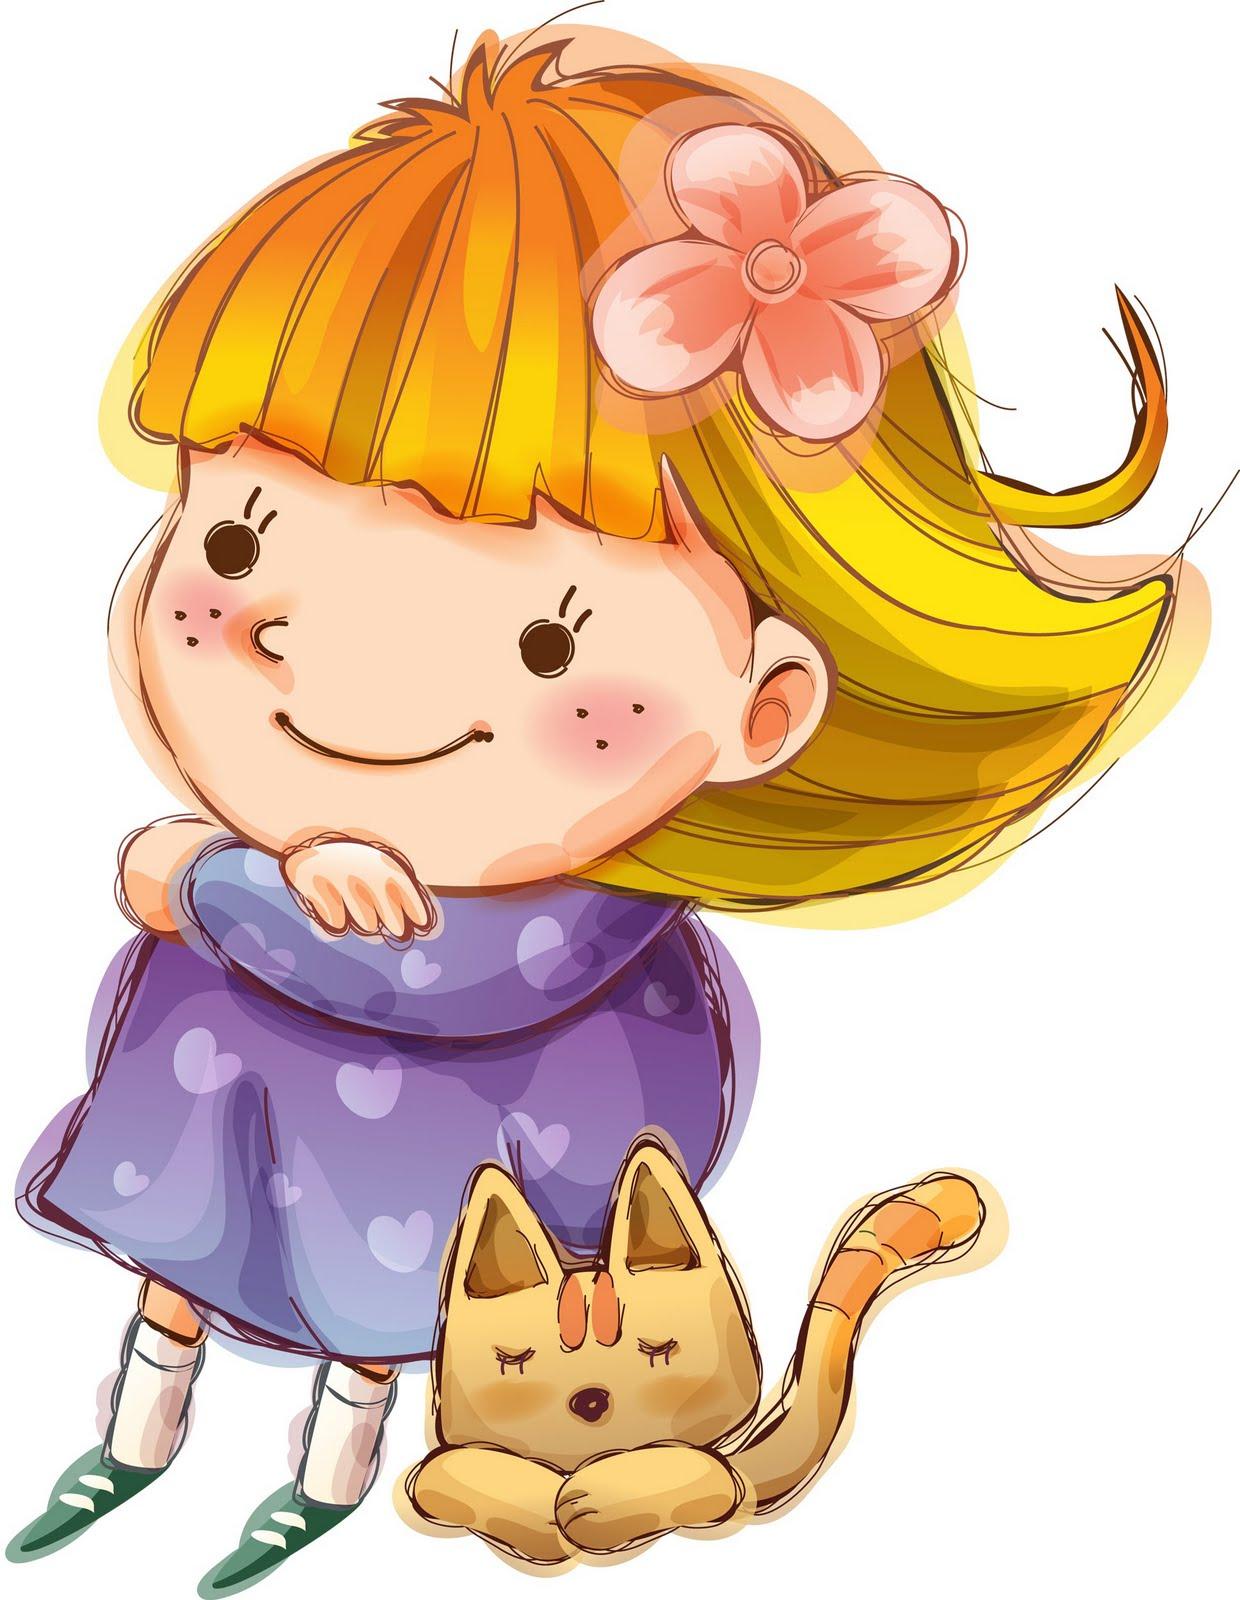 Bonitos dibujos infantiles con ni os cositasconmesh - Dibujos infantiles de bebes ...